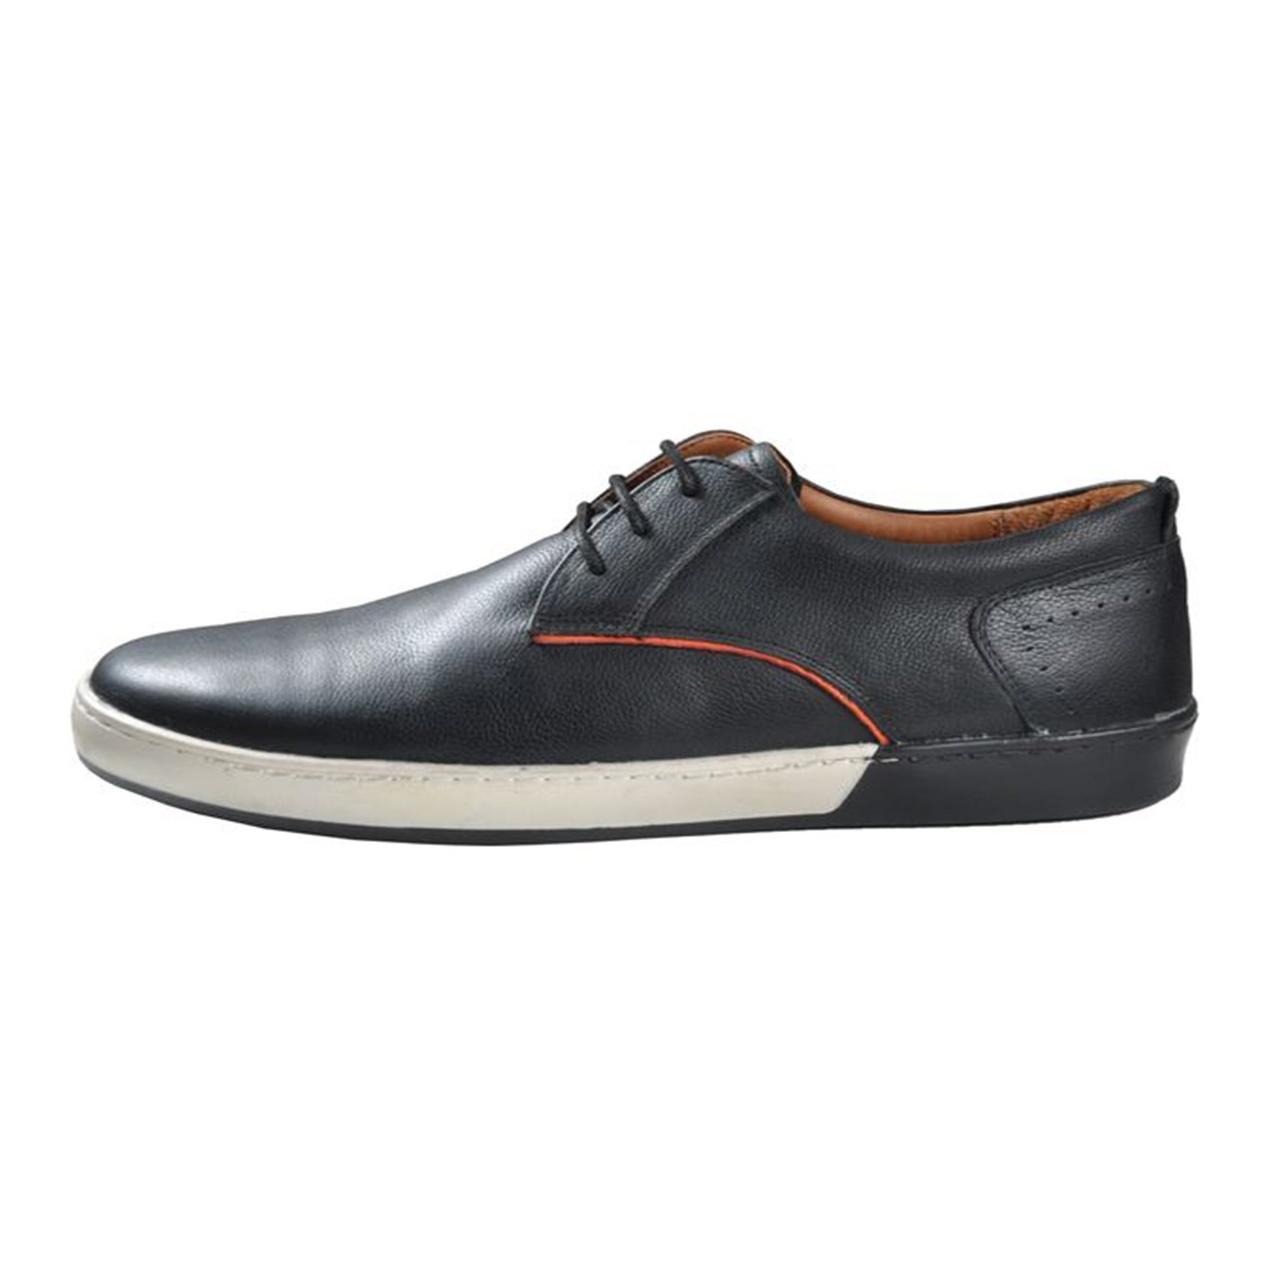 کفش چرم اسپورت مردانه آریوان مدل AR108 M